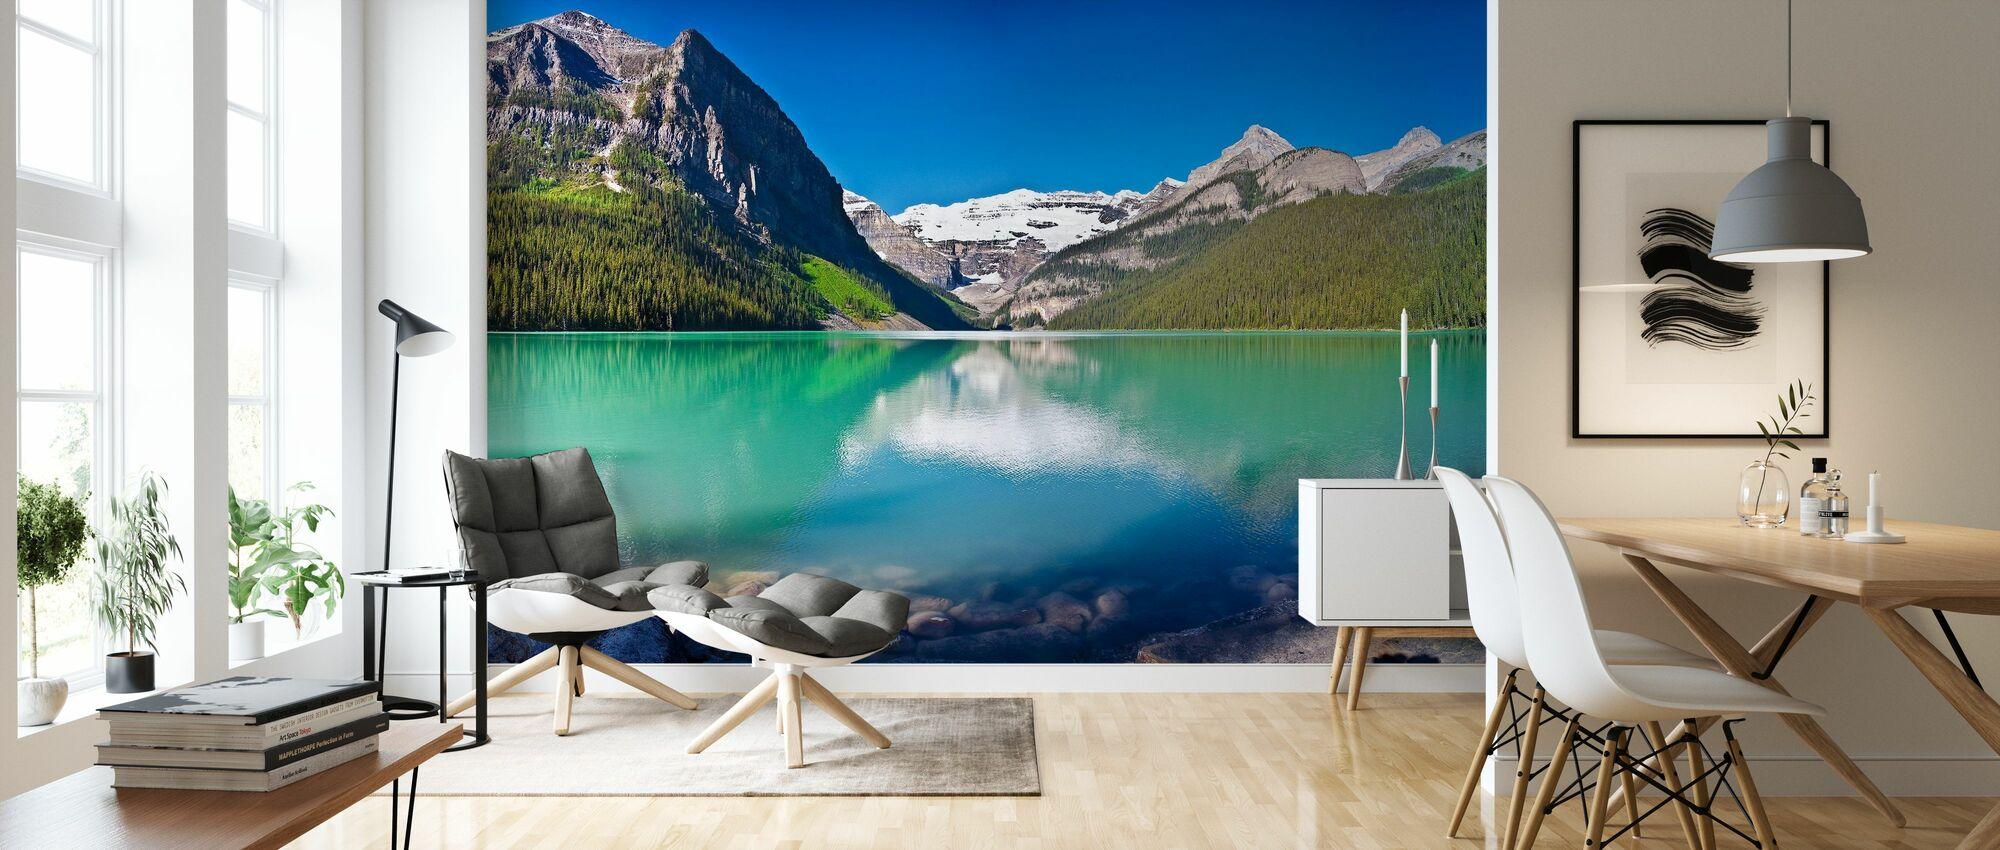 Lake Louise, Alberta, Canada, North America, Panorama - Wallpaper - Living Room